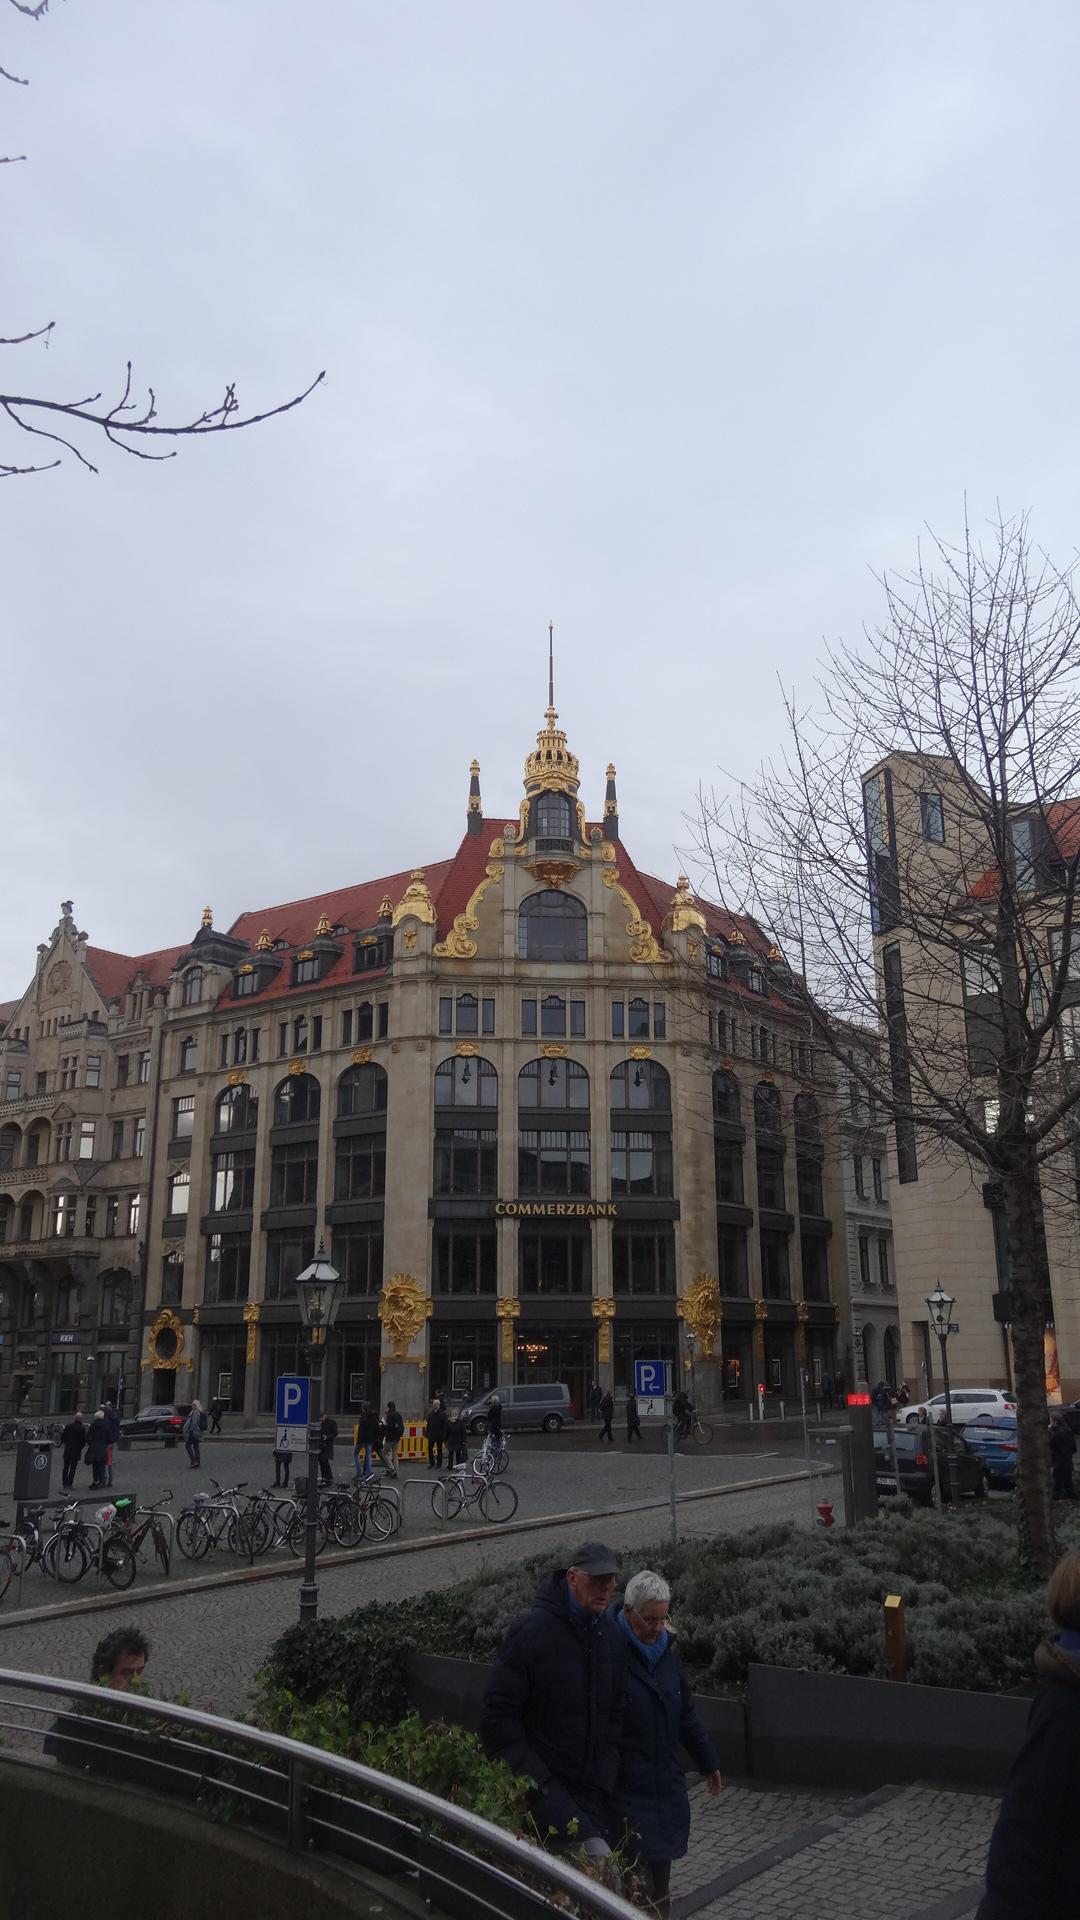 golden Commerzbank building